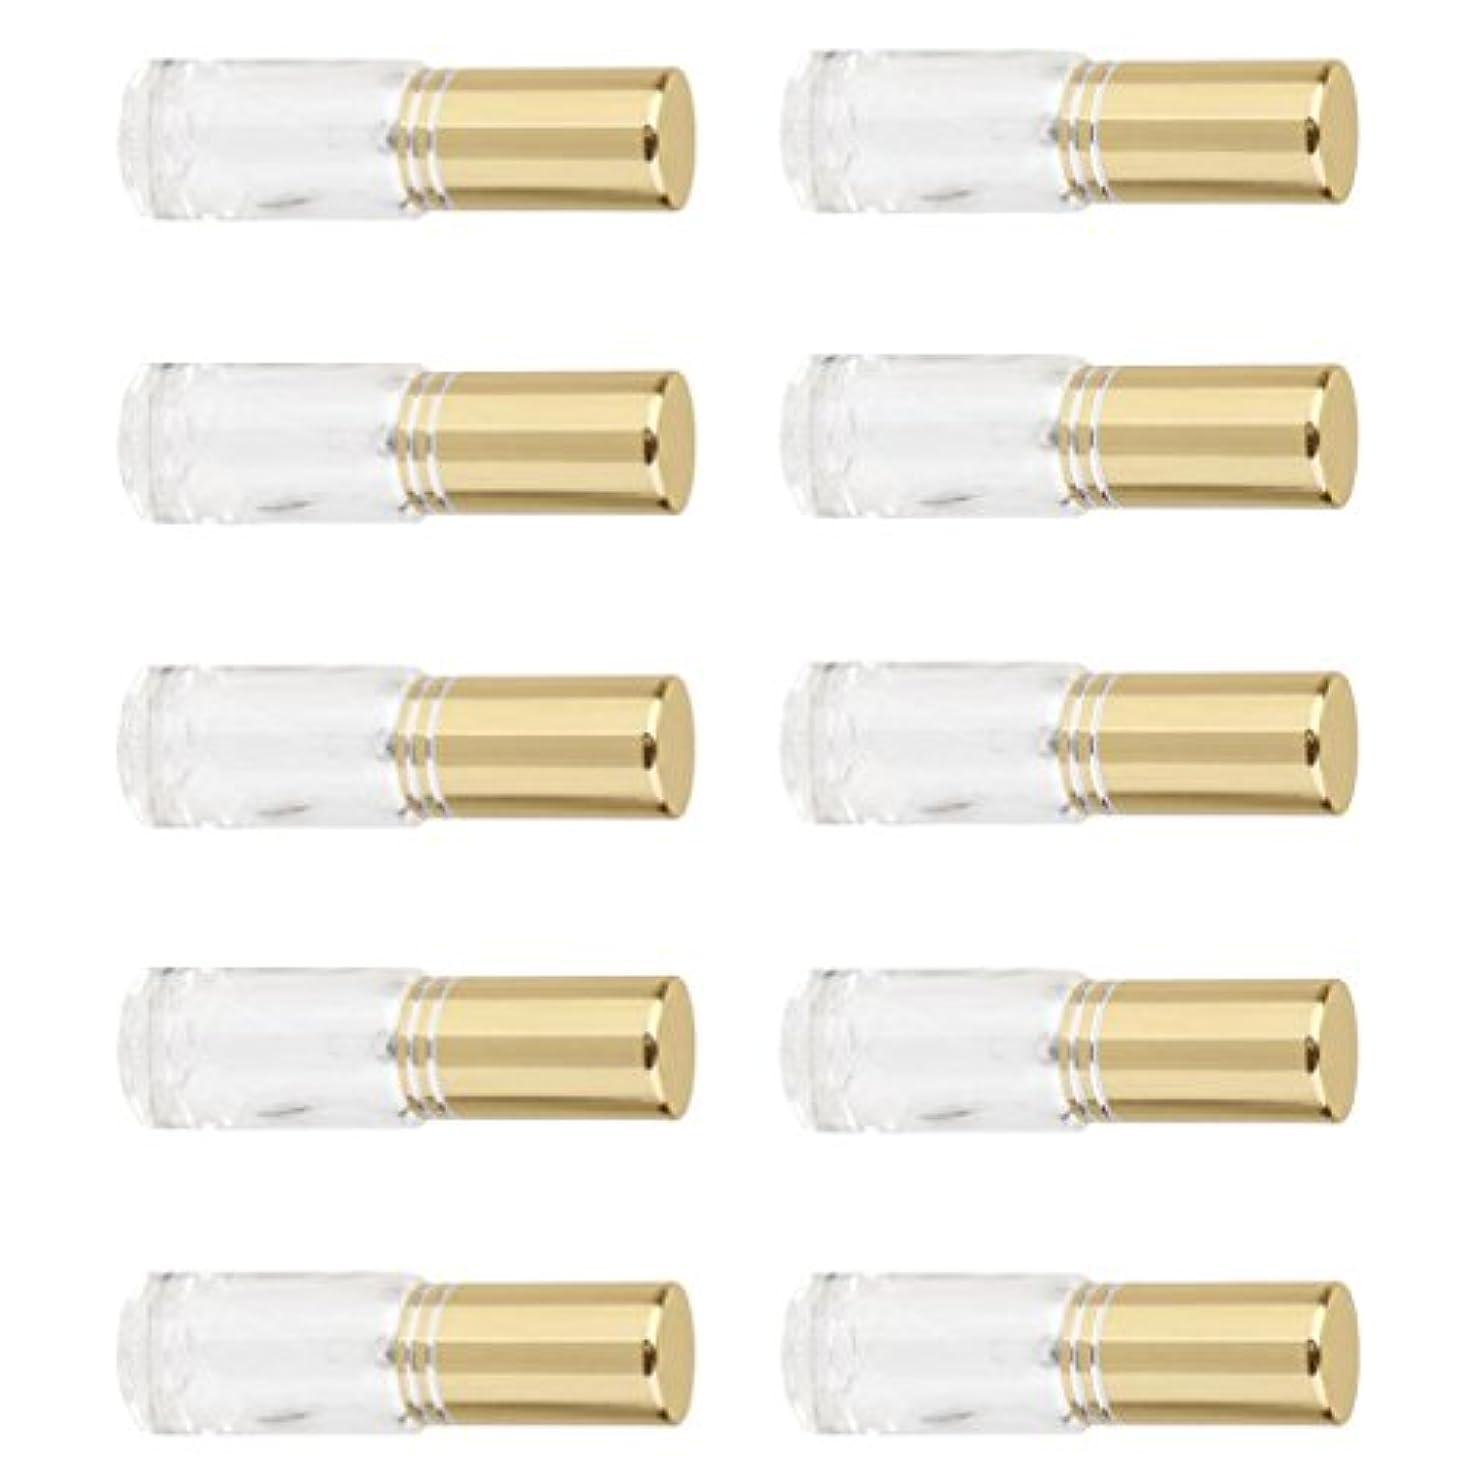 滑りやすい挽く記録SONONIA 10個 お買い得 男女兼用 5ml ミニ ガラス 詰め替え可能 香水 空き瓶 アトマイザー ポンプ スプレー 香水瓶 容器